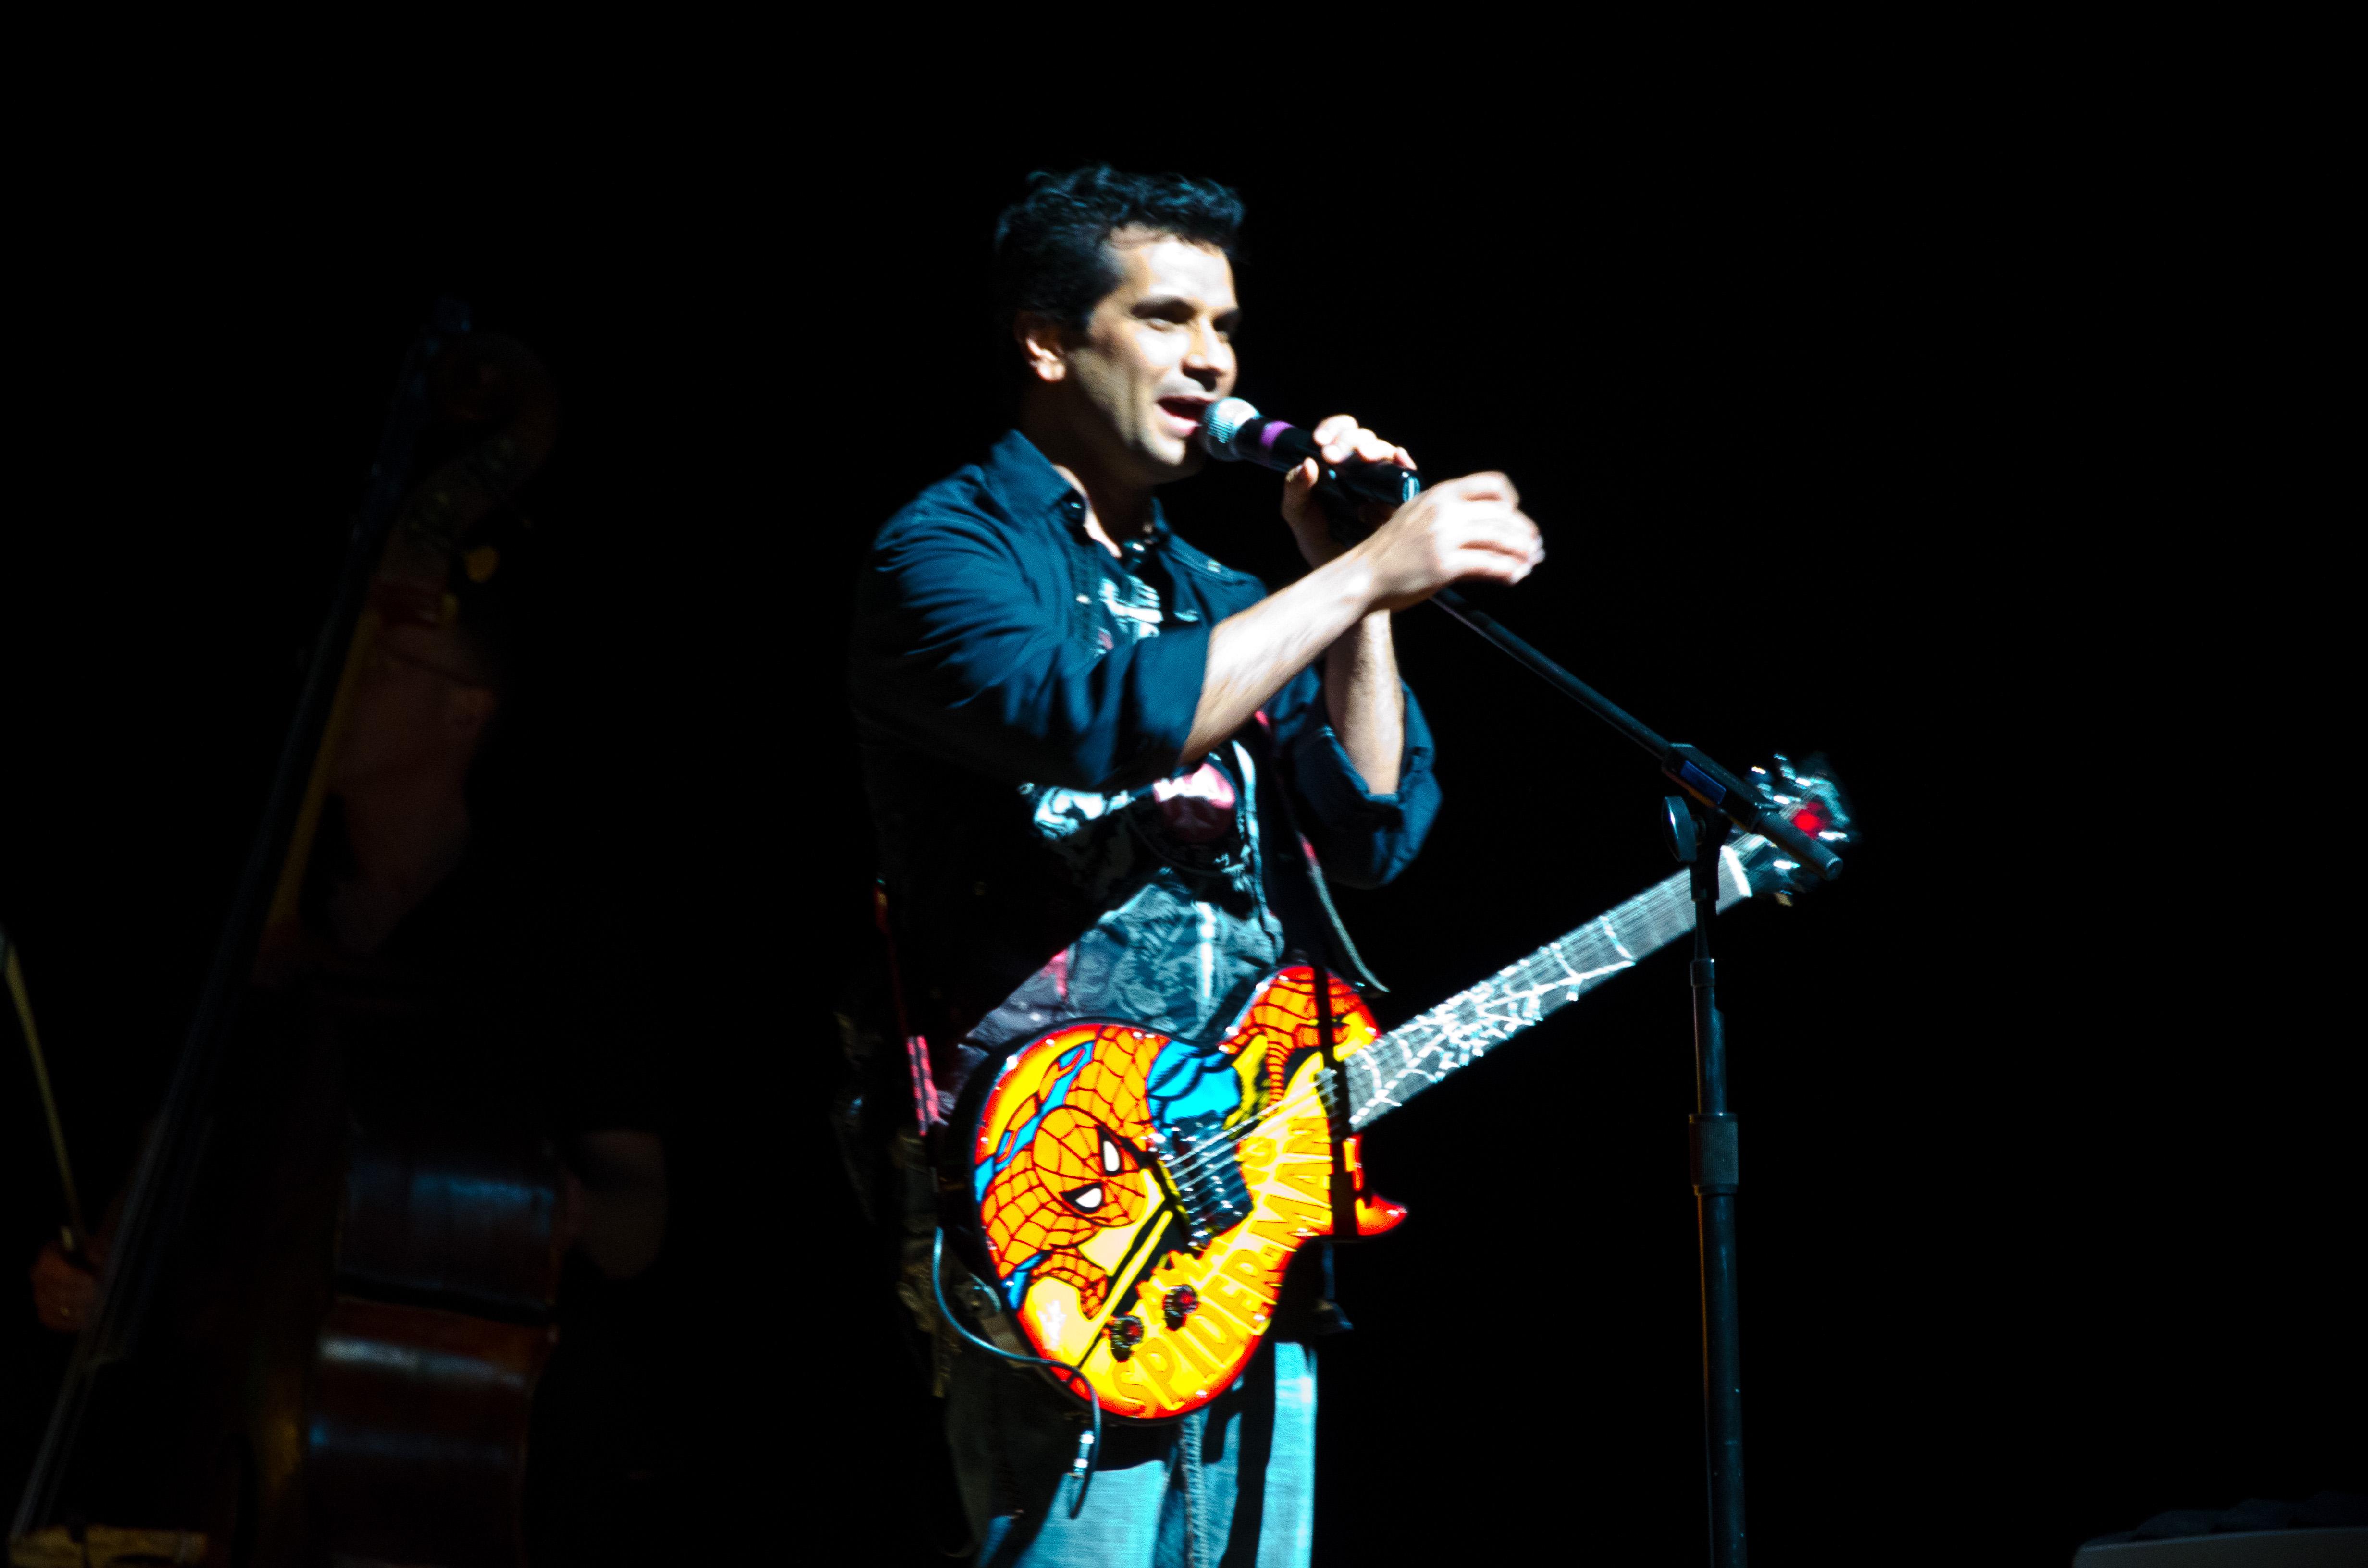 Video Games Concert DSC 0330 (5531080630).jpg DSC_0330 Date 26 February 2011, 16:16 Source DSC_0330 Author Warren In the Weeds